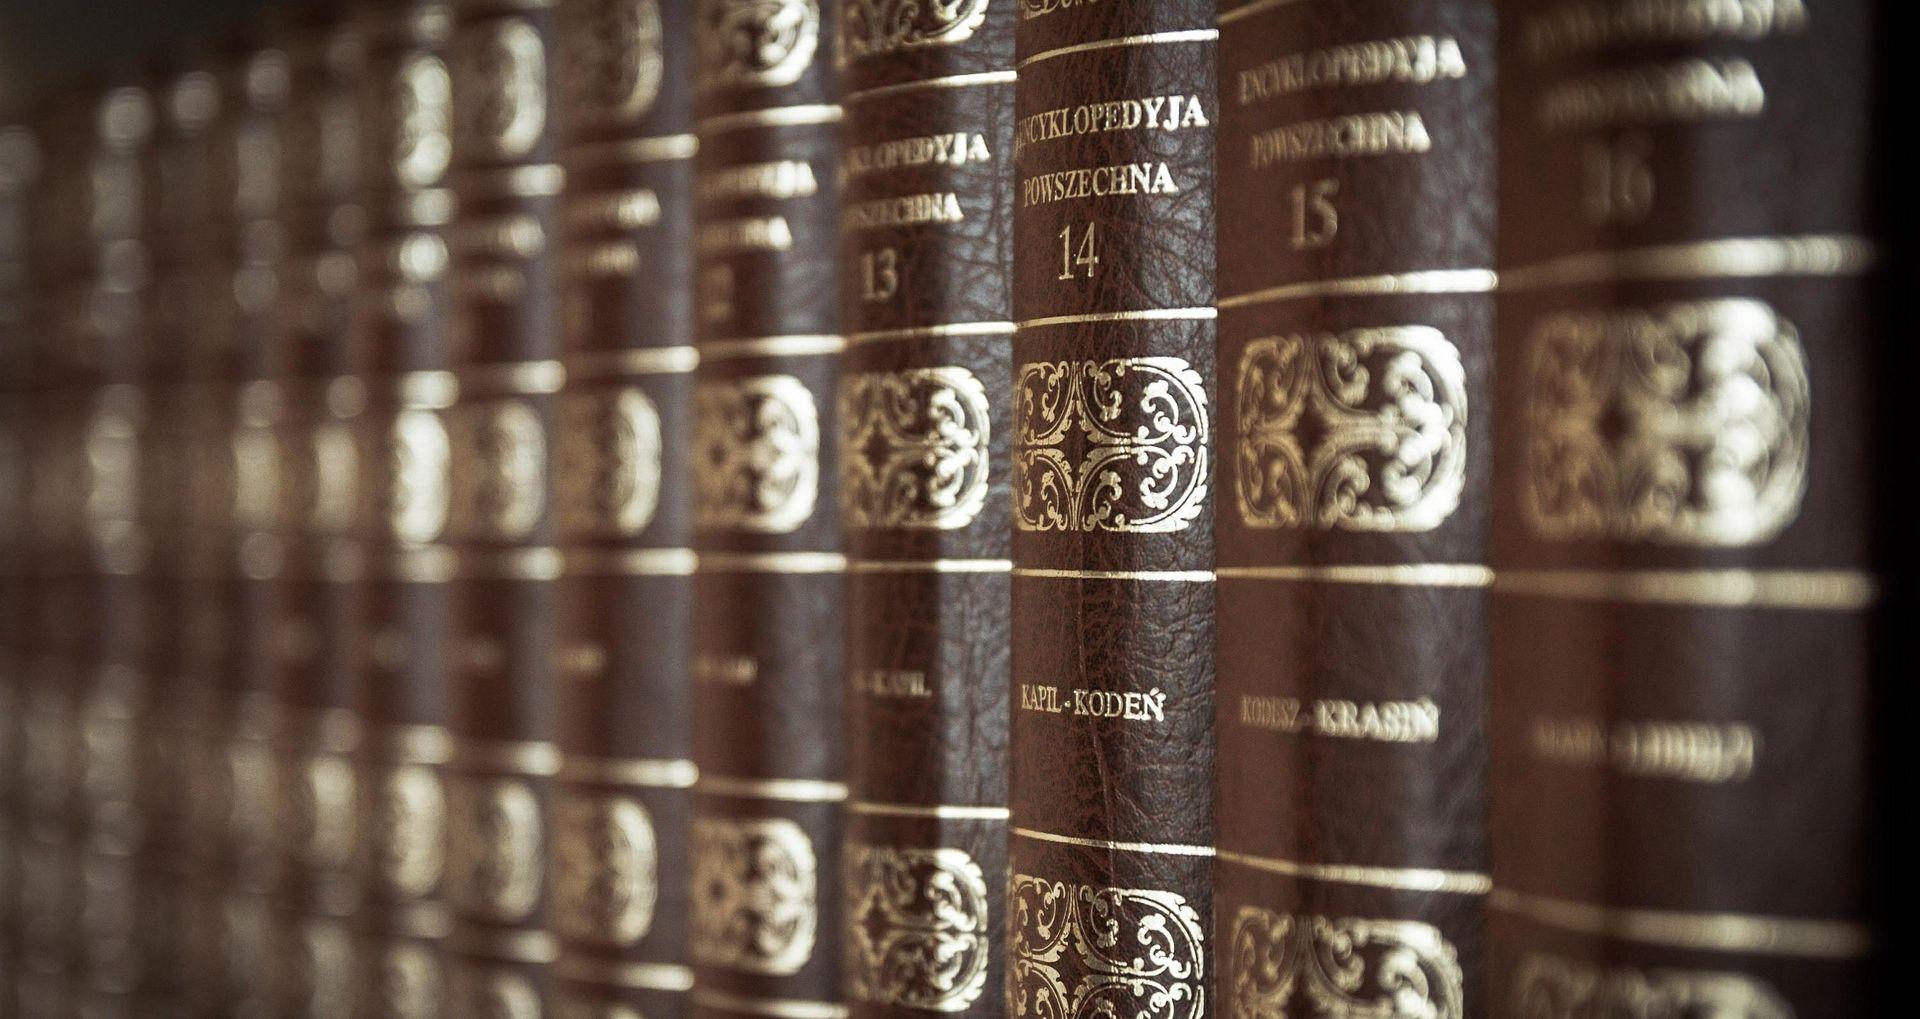 Književnost u potrošačkom društvu – tema 36. zagrebačkih književnih razgovora